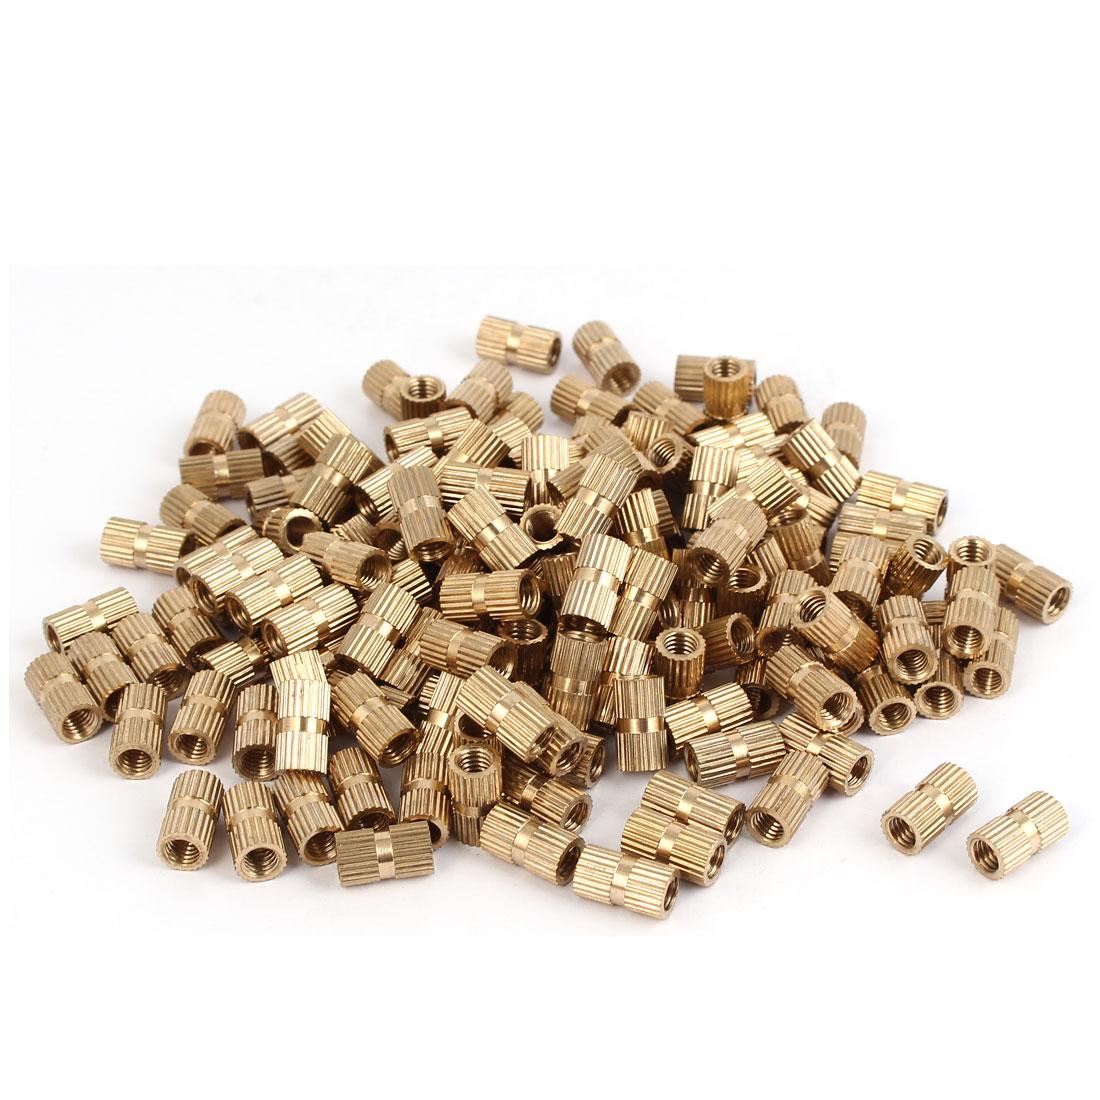 M5 x 12mm Female Thread Brass Knurled Threaded Insert Embedment Nuts 200PCS